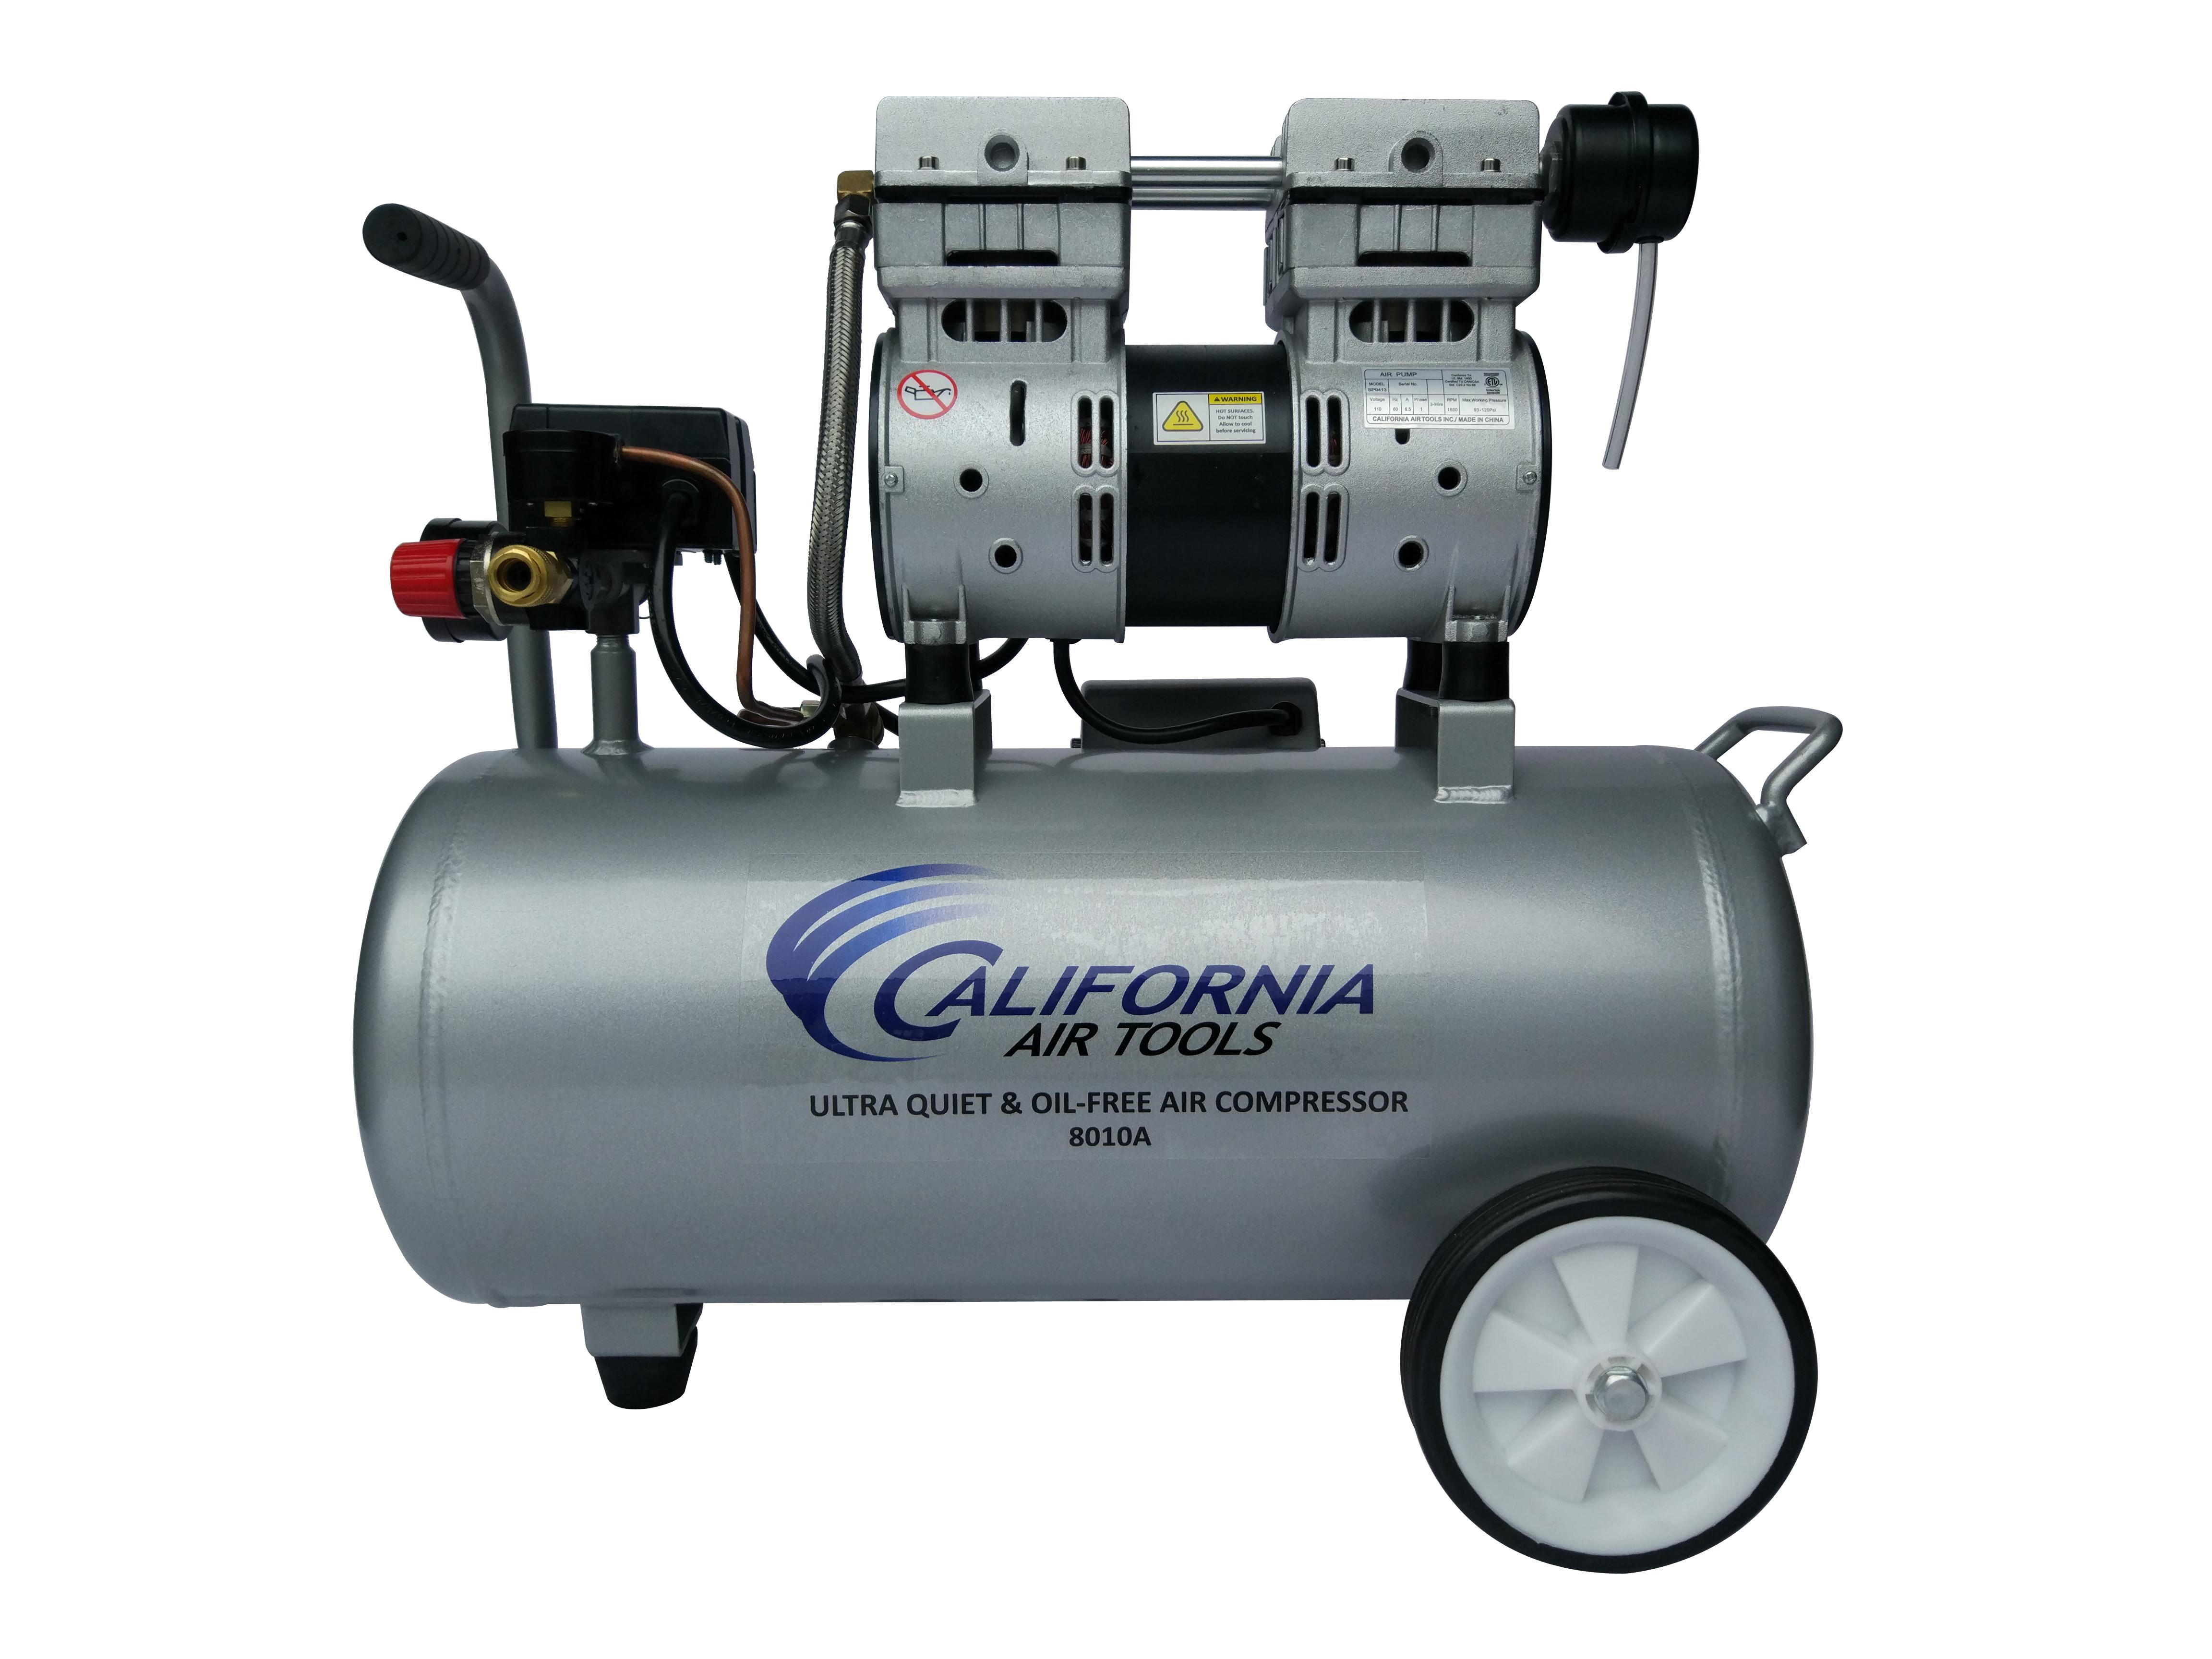 California Air Tools 8010A Ultra Quiet  & Oil-Free  1.0 Hp, 8.0 Gal. Aluminum Tank Air Compressor